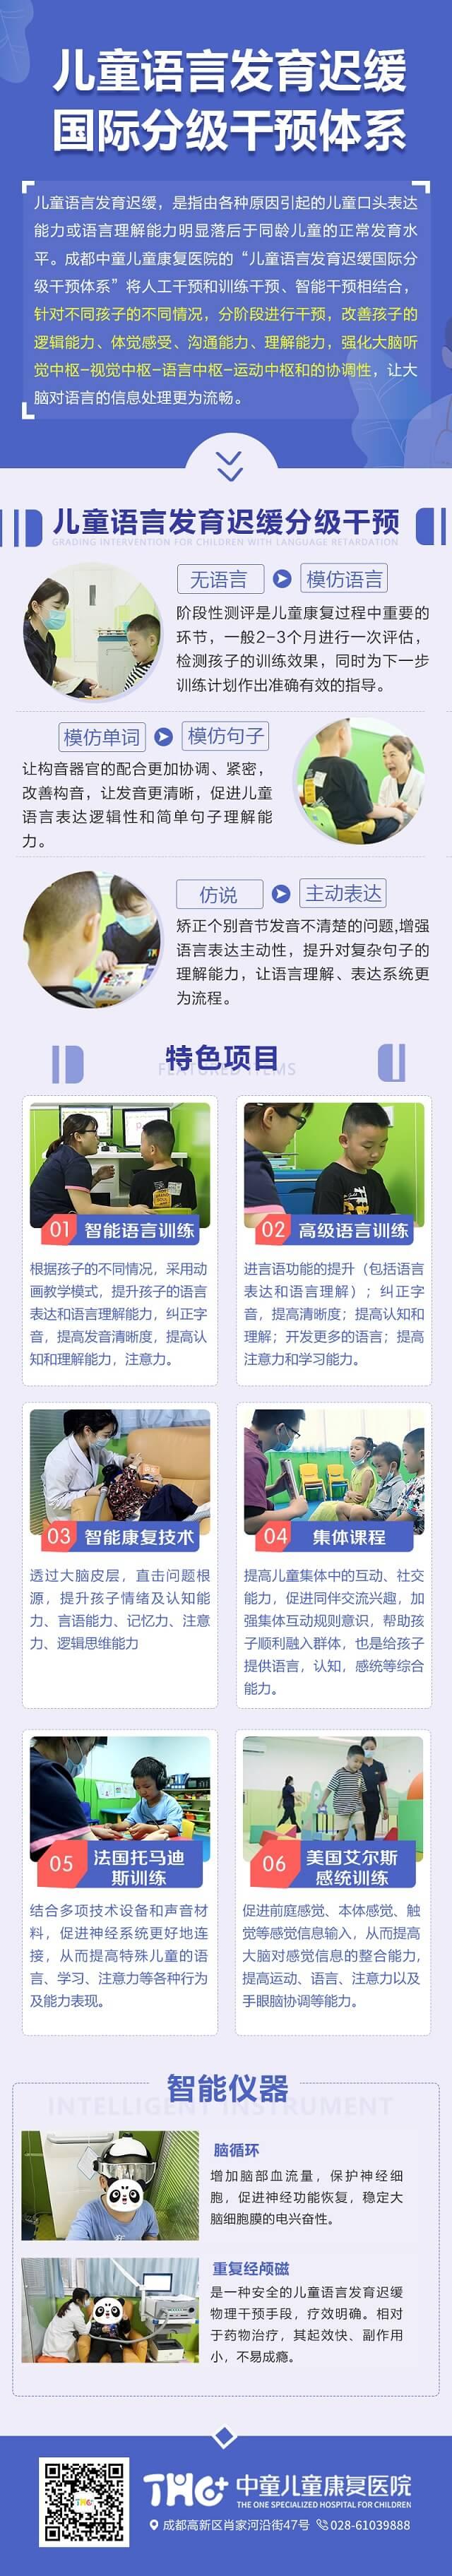 遂宁哪个医院检查语言发育迟缓好,孩子语言发育迟缓家长应该怎么做? 图2